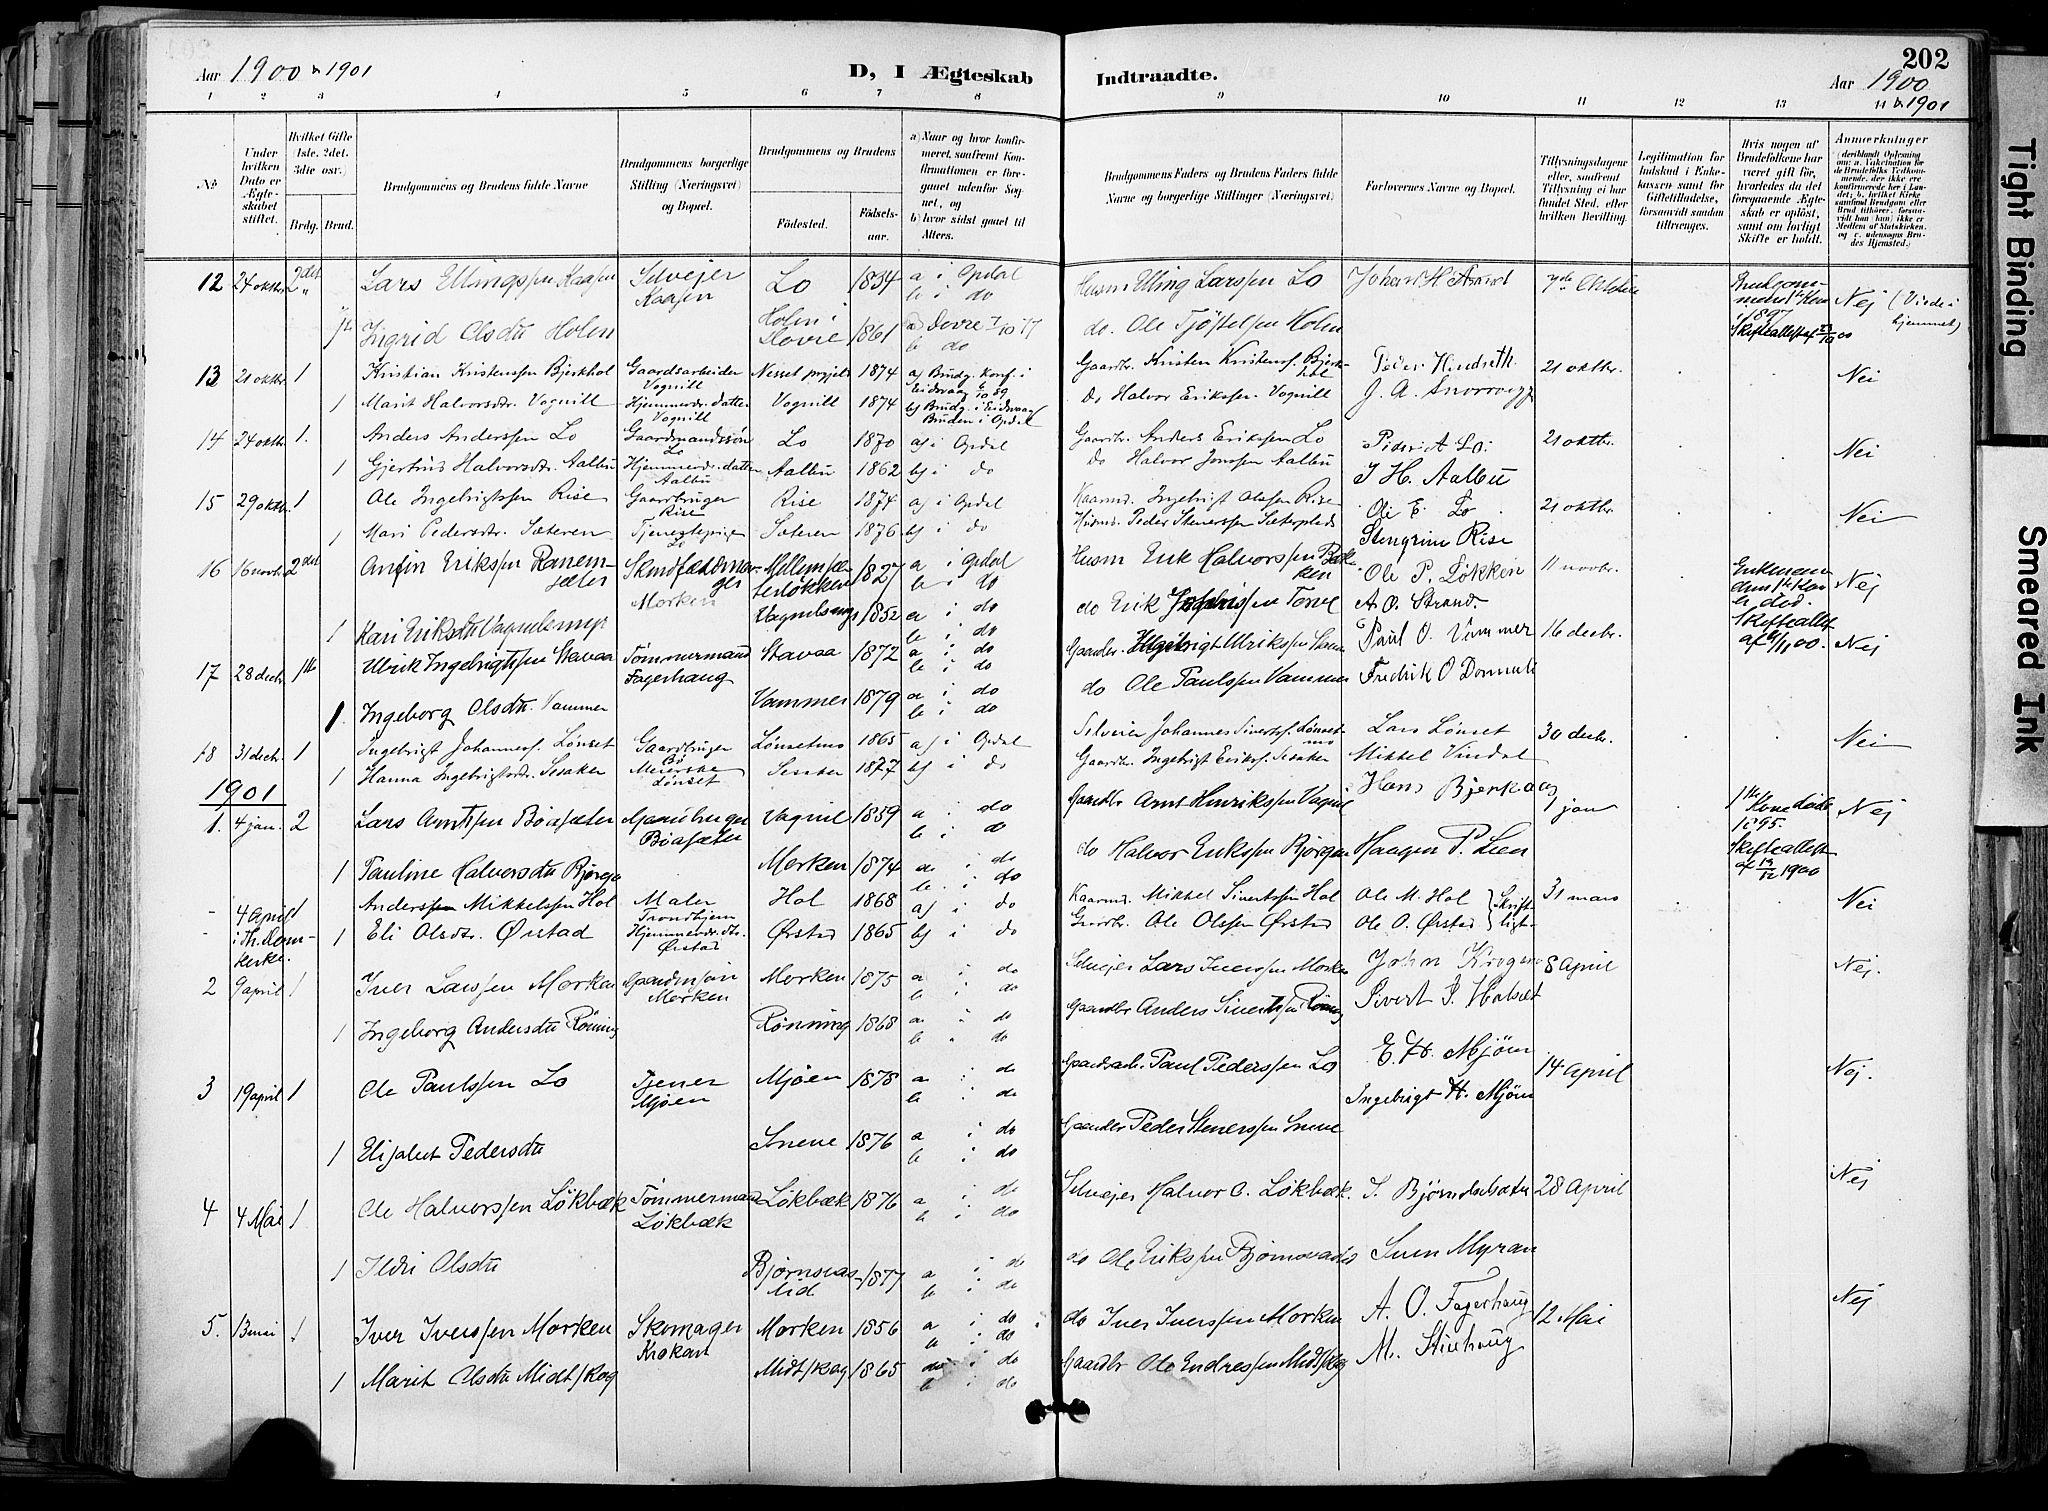 SAT, Ministerialprotokoller, klokkerbøker og fødselsregistre - Sør-Trøndelag, 678/L0902: Ministerialbok nr. 678A11, 1895-1911, s. 202